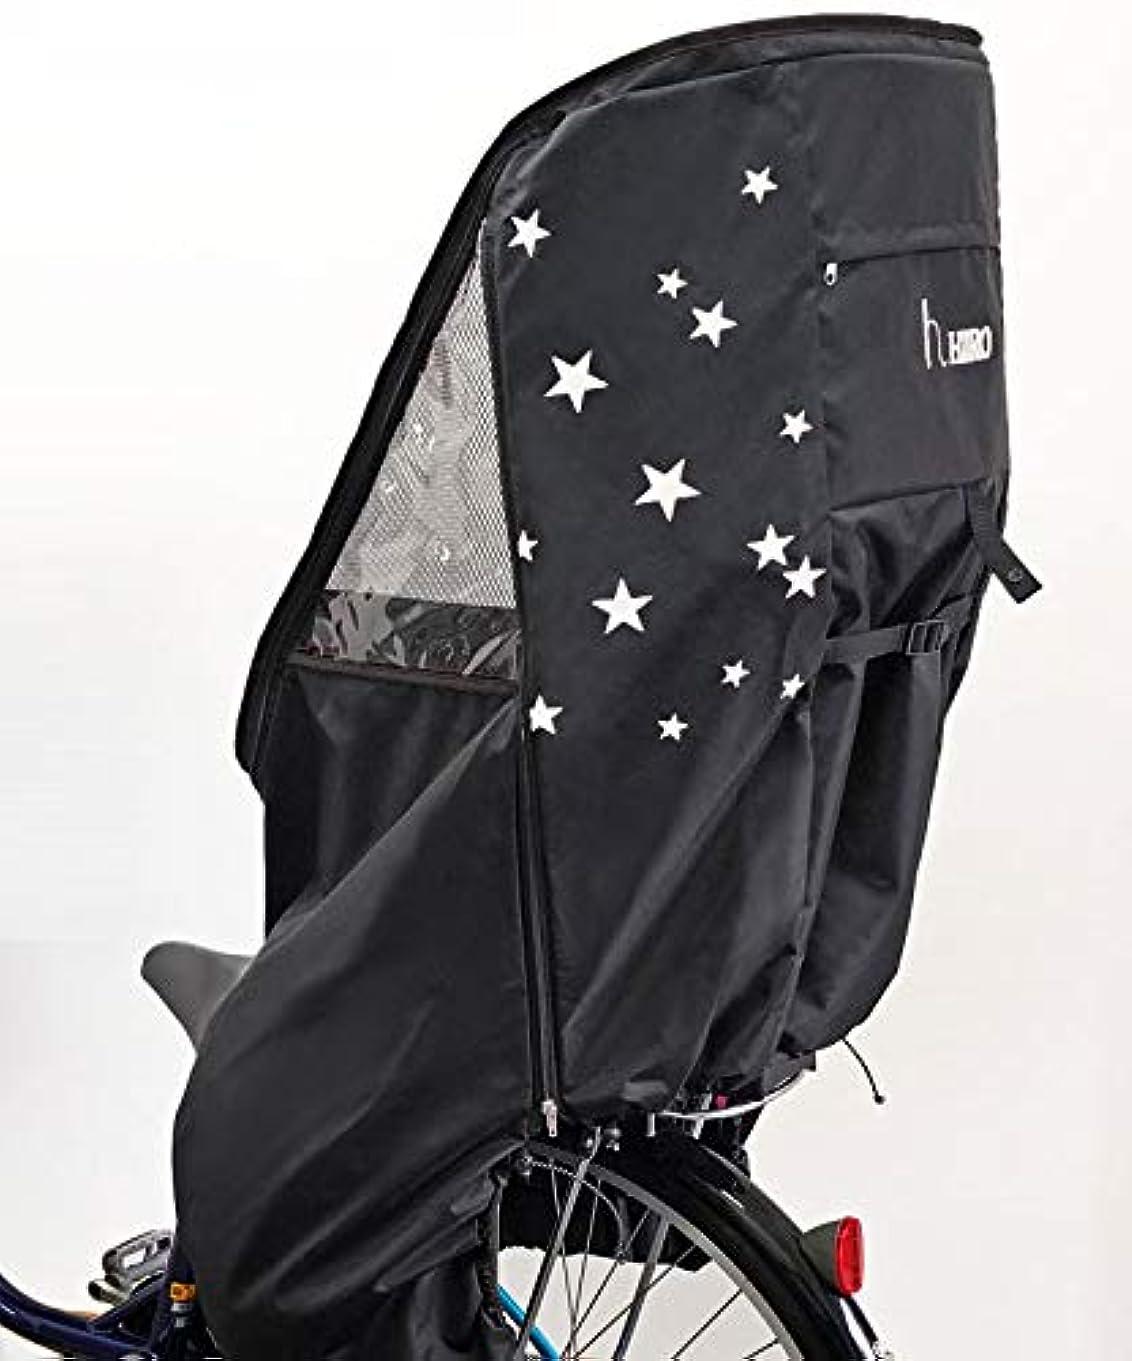 イサカ酸素気取らない(ヒロ) HIRO 子供乗せ自転車チャイルドシートレインカバー 日本製 星柄 透明シート強化加工 後用(リア用) 撥水生地 日除け付き SCC1912-STAR-02